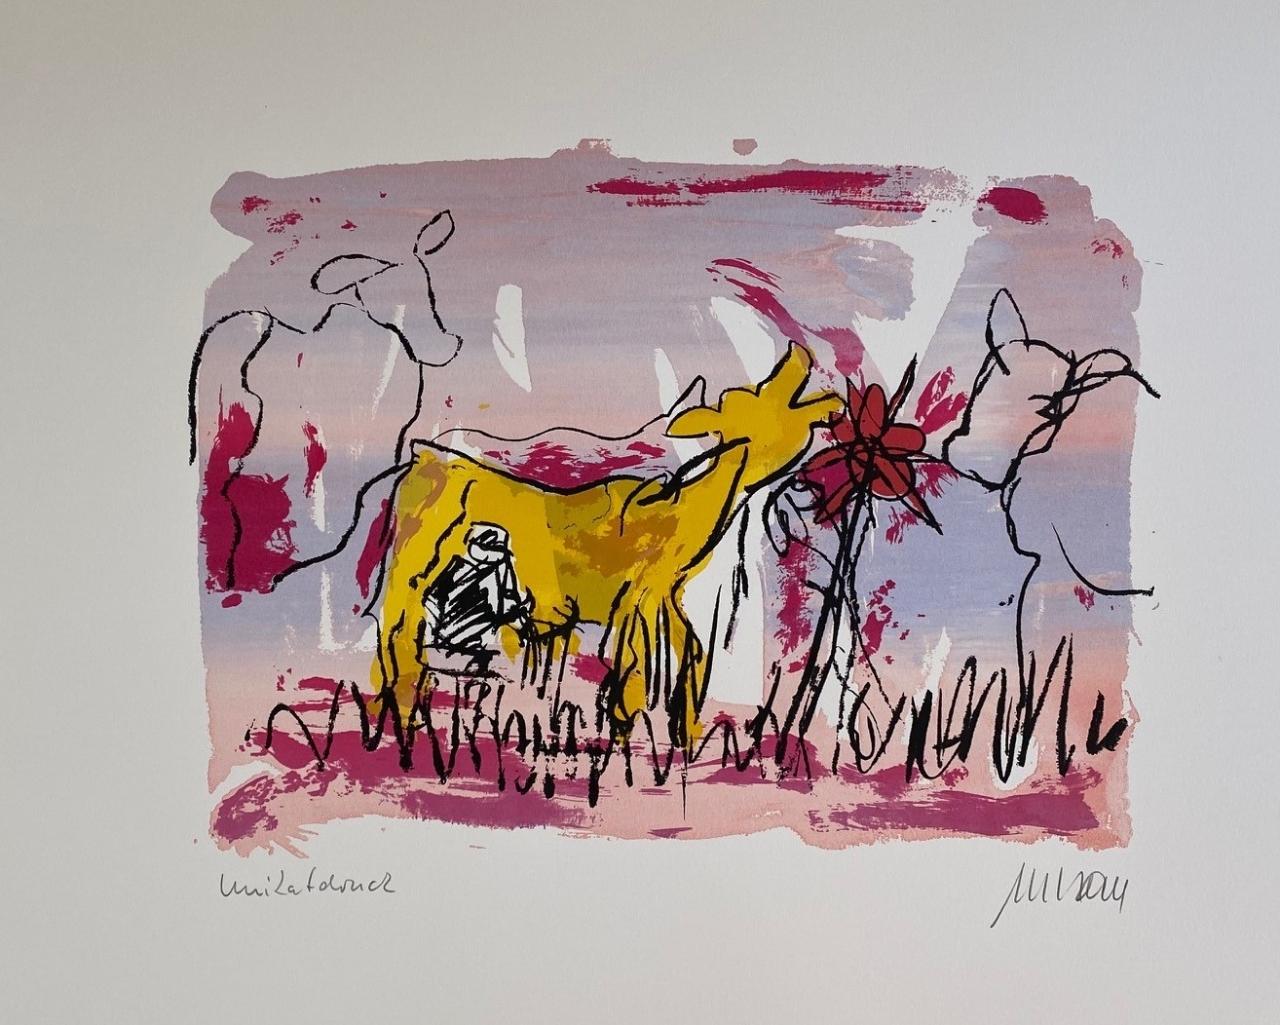 Sie kicherte beim Melken - Unikatdruck - No. VII - (Variante rosa mit gelber Kuh)